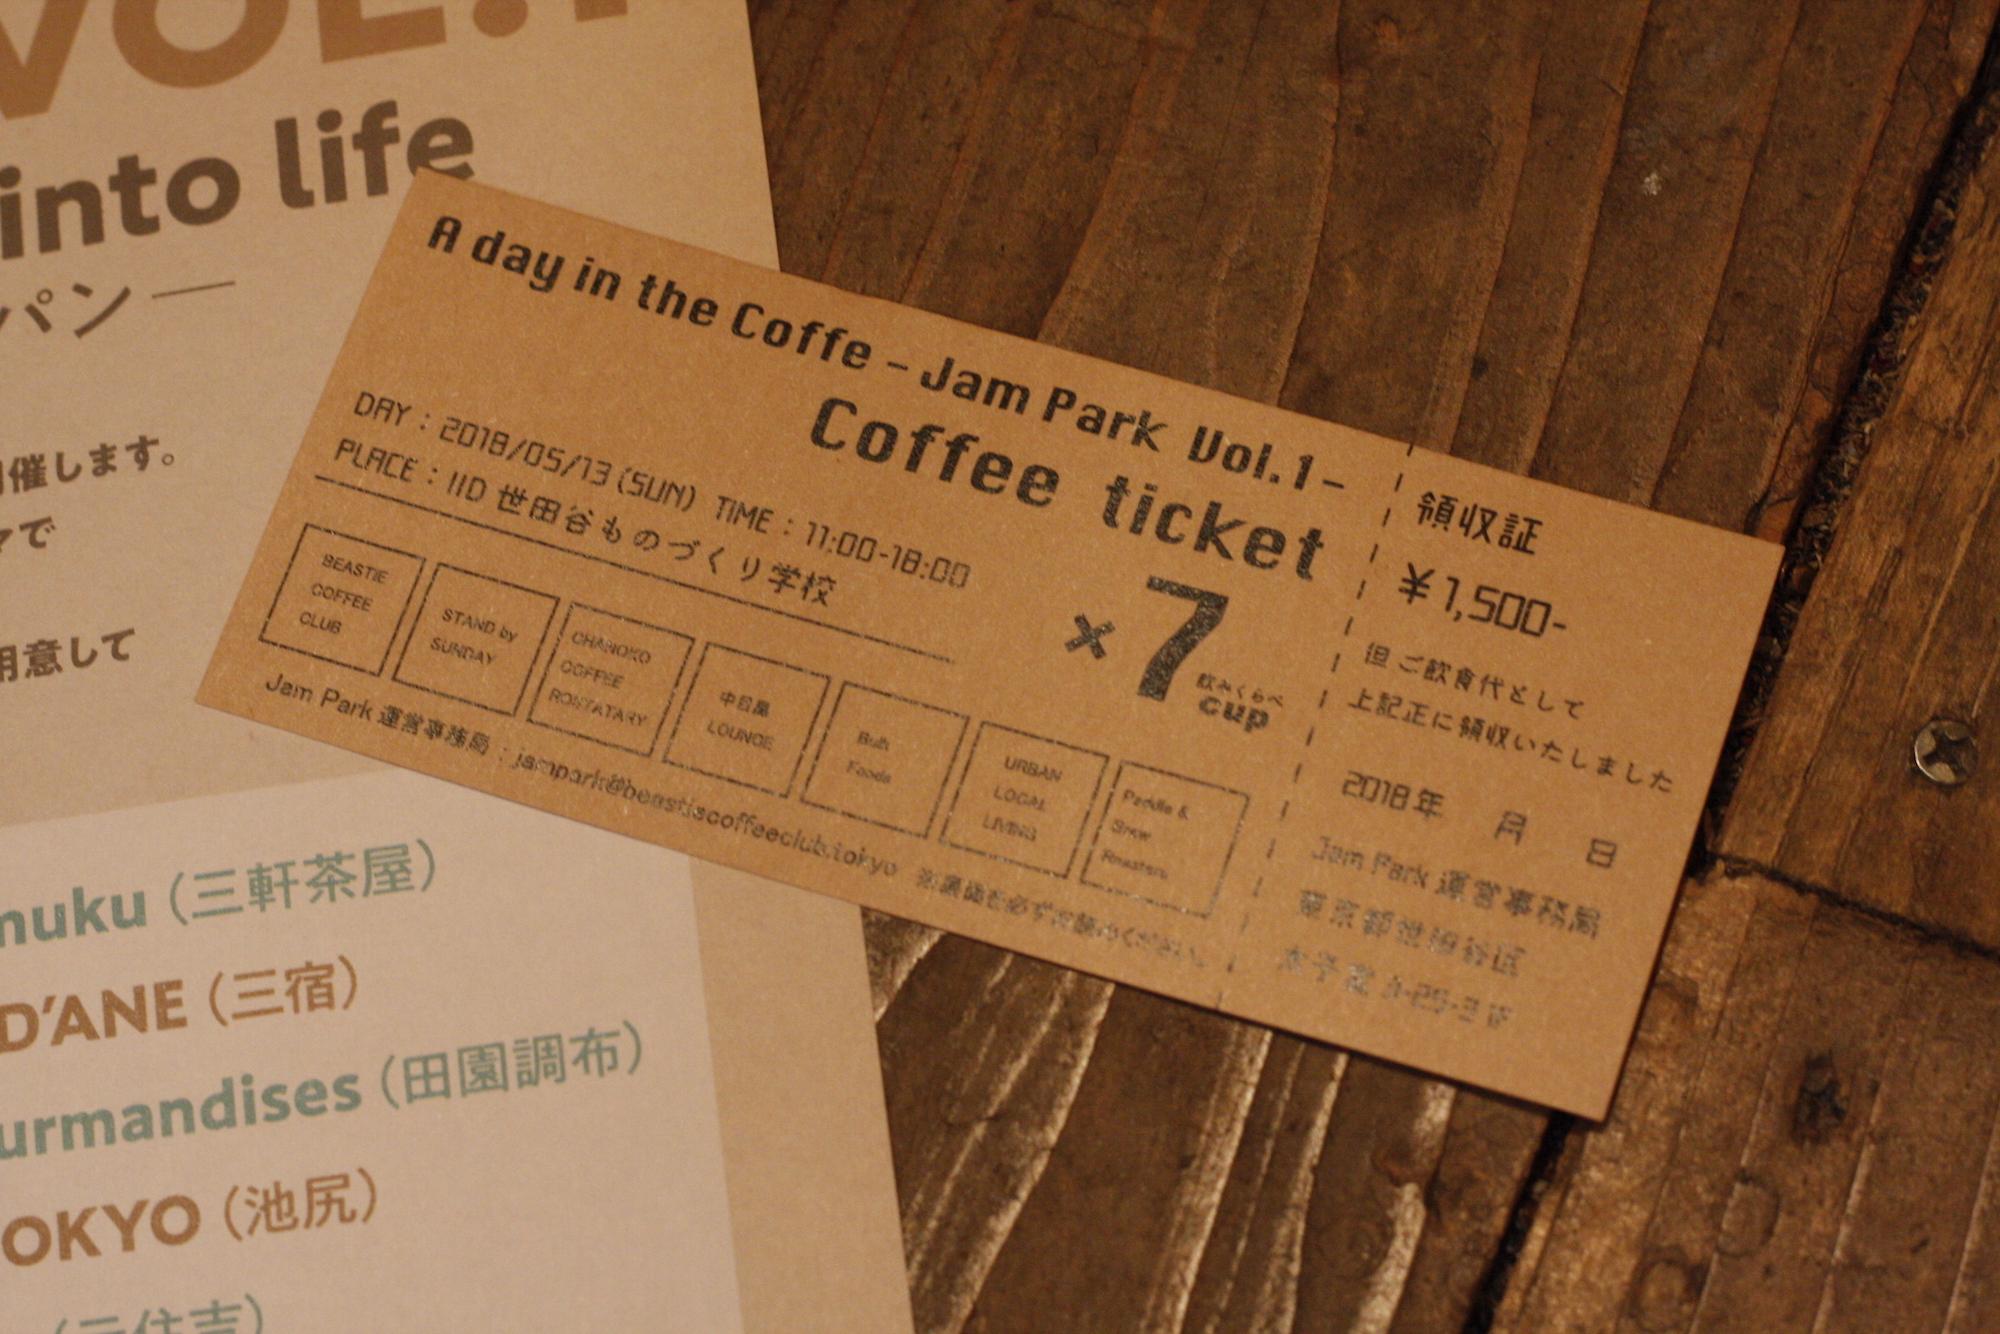 コーヒースタンド URBAN LOCAL LIVING 東京 世田谷 イベント